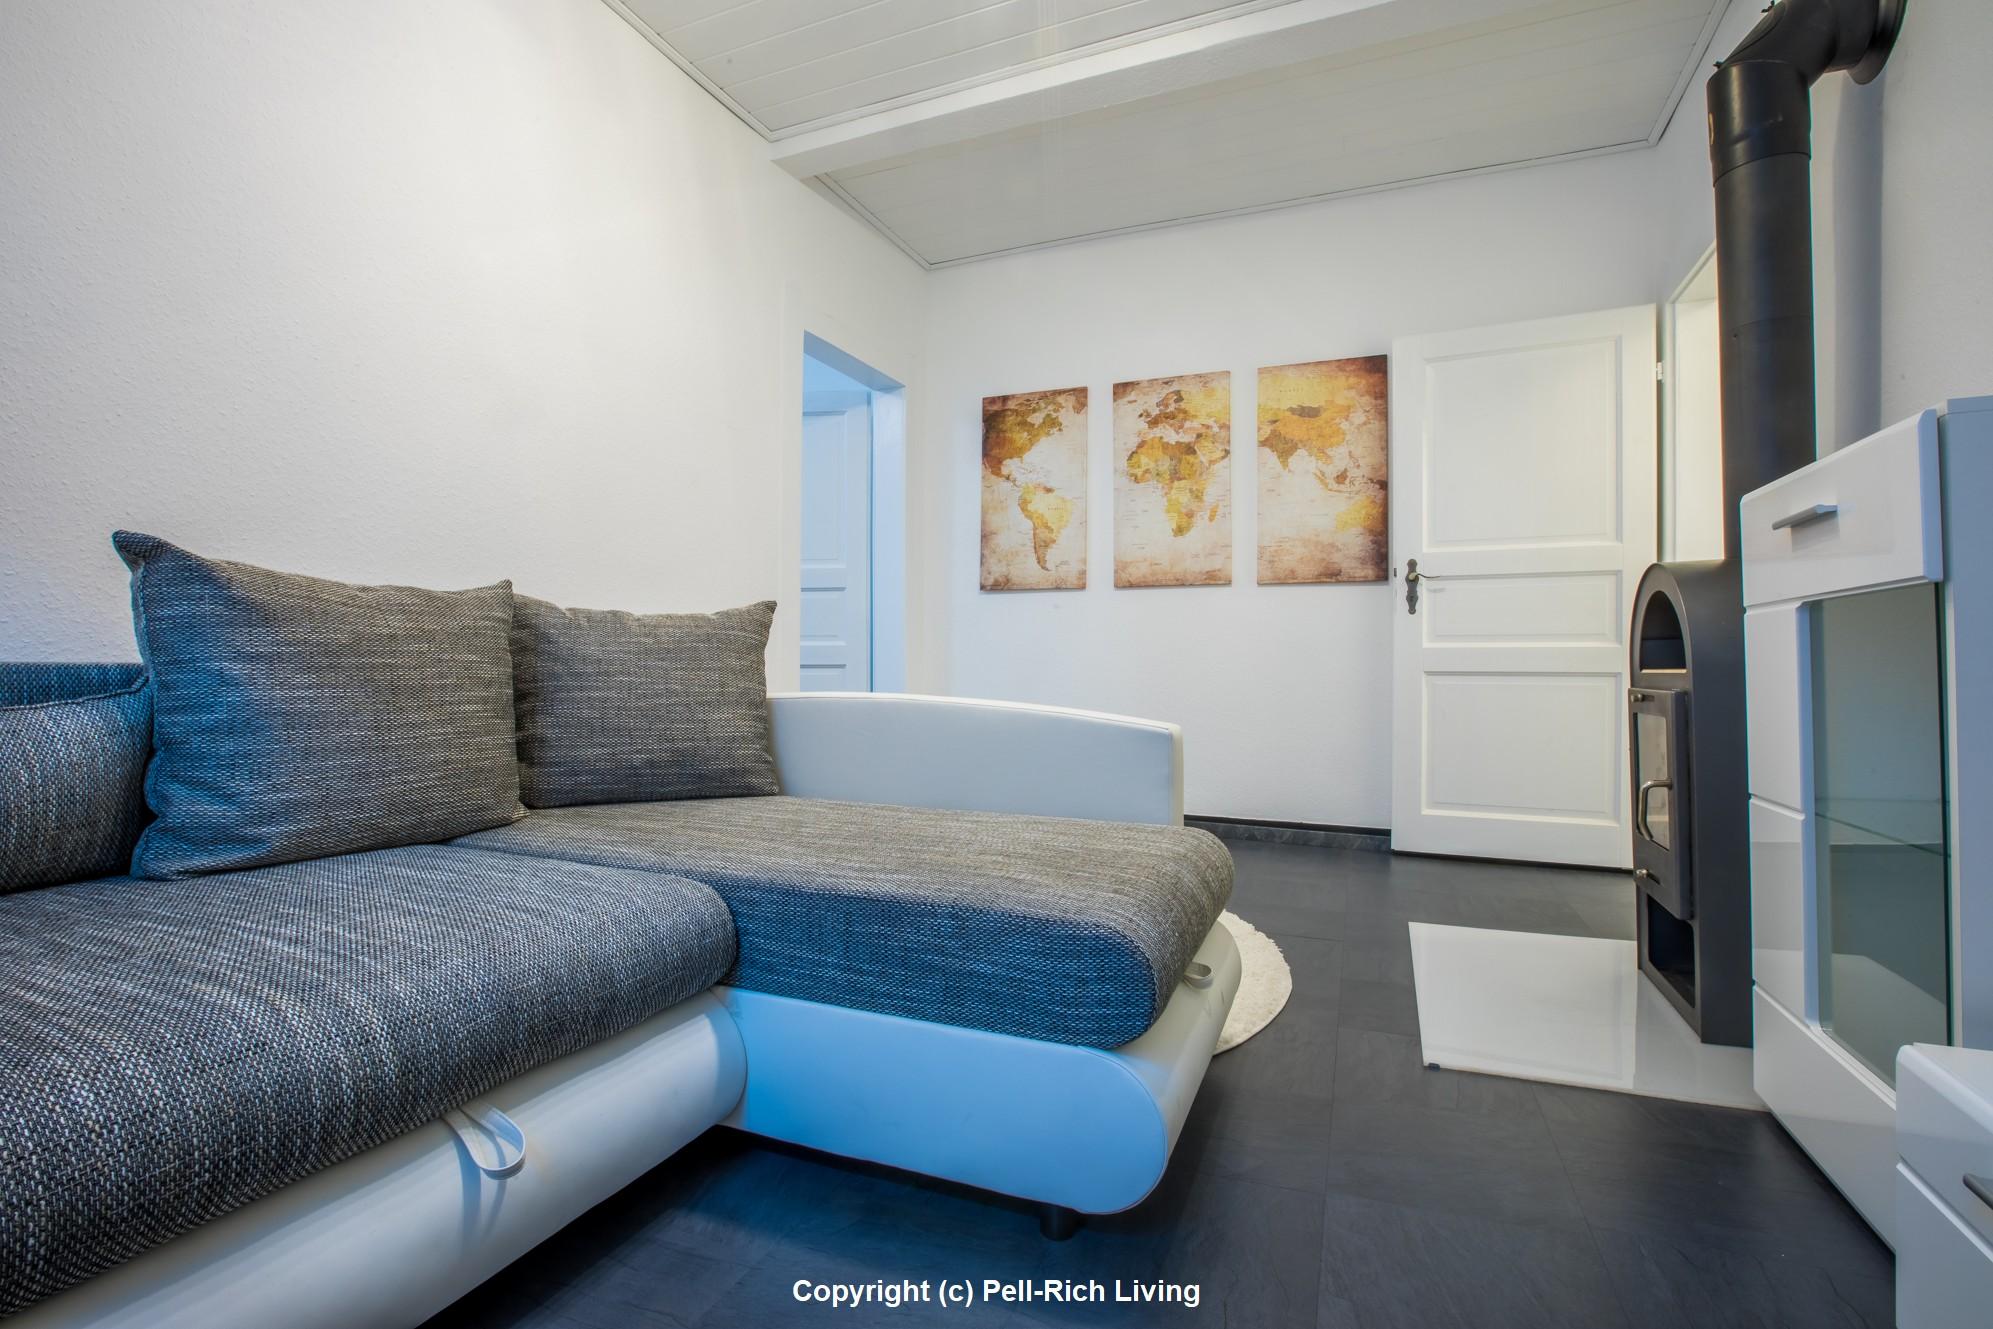 2-Zimmer Wohnung mit S-Bahn Anschluss, Keller, vollmöbliert inkl. aller Nebenkosten in Durlach-Aue!